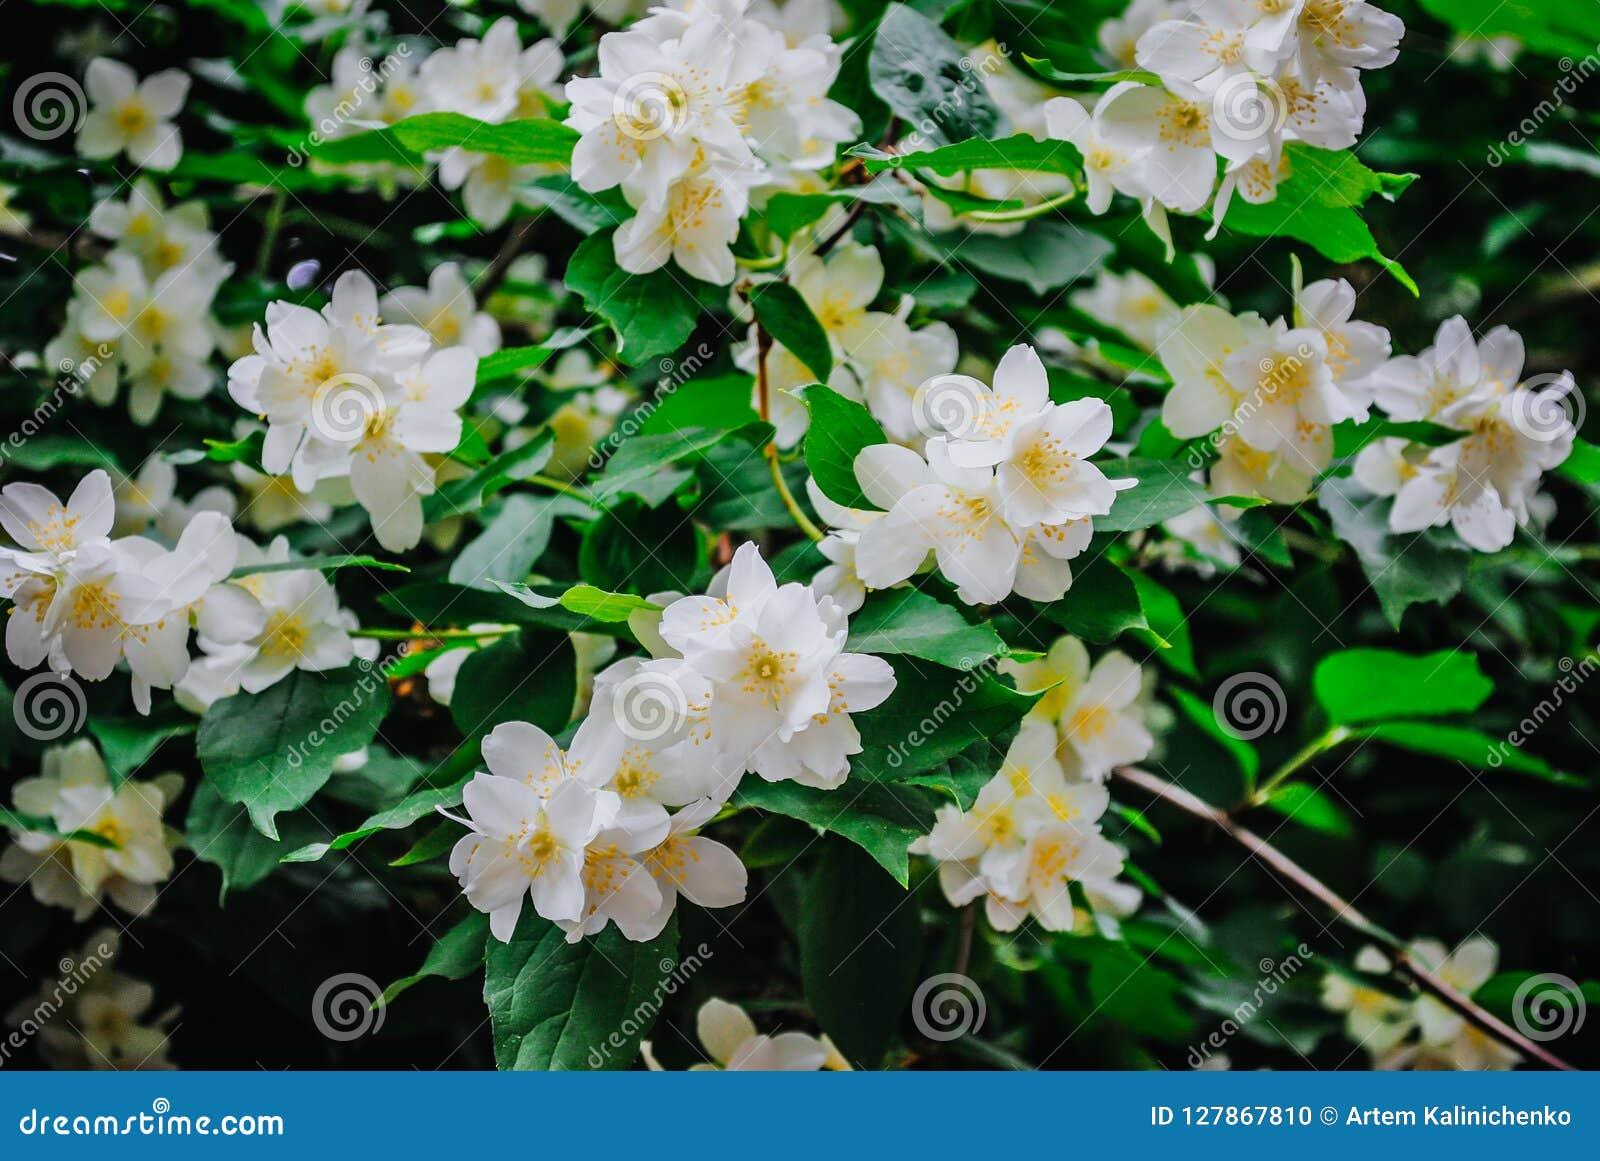 Όμορφο αειθαλές άσπρο jasmine λουλούδι